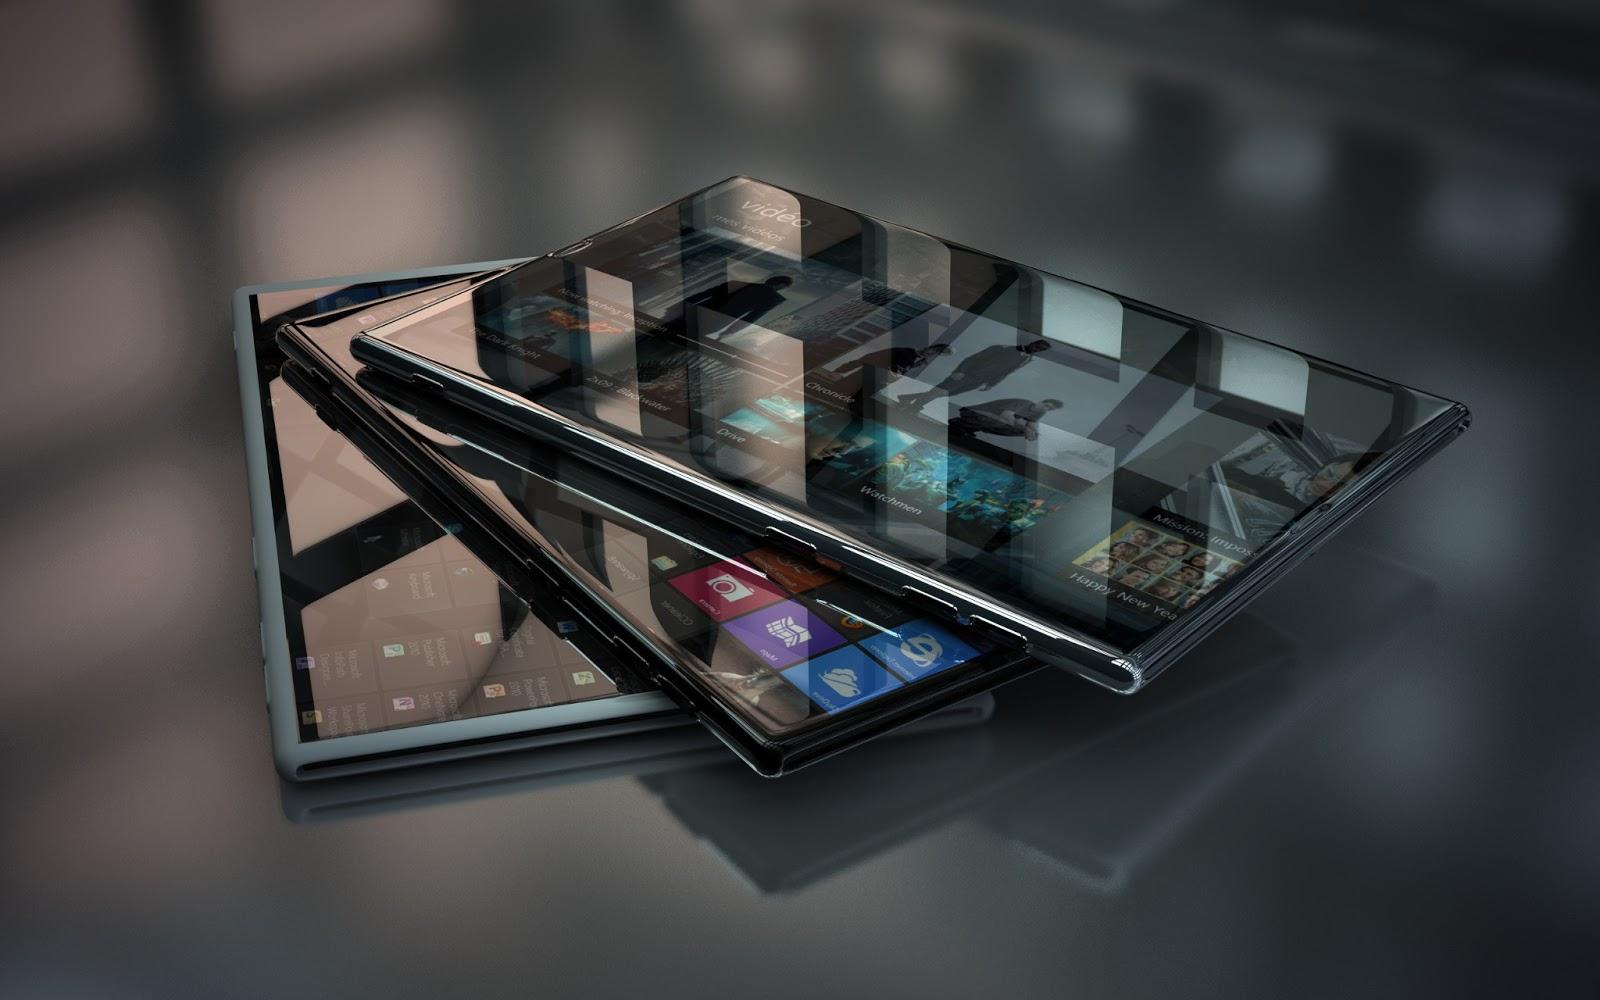 Glass 3D Hi-Tech Windows 8 Phone (2560x1600)